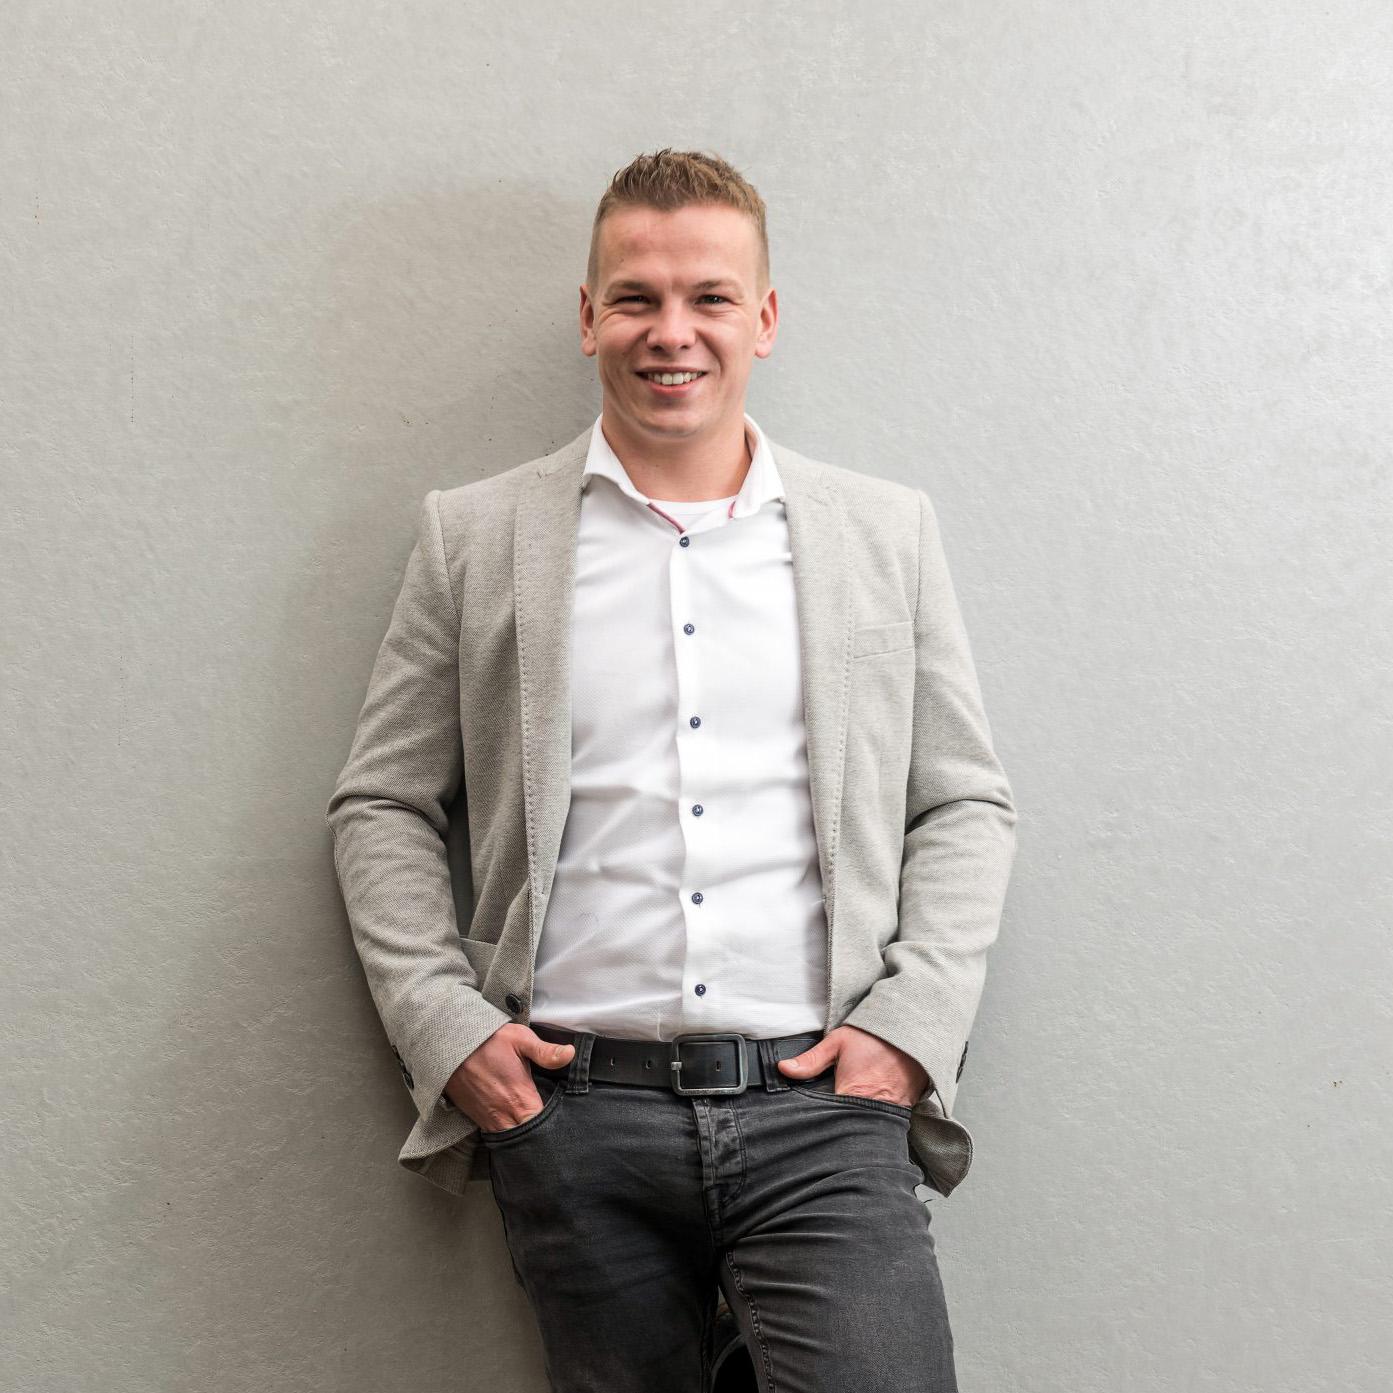 Jan van Gessel